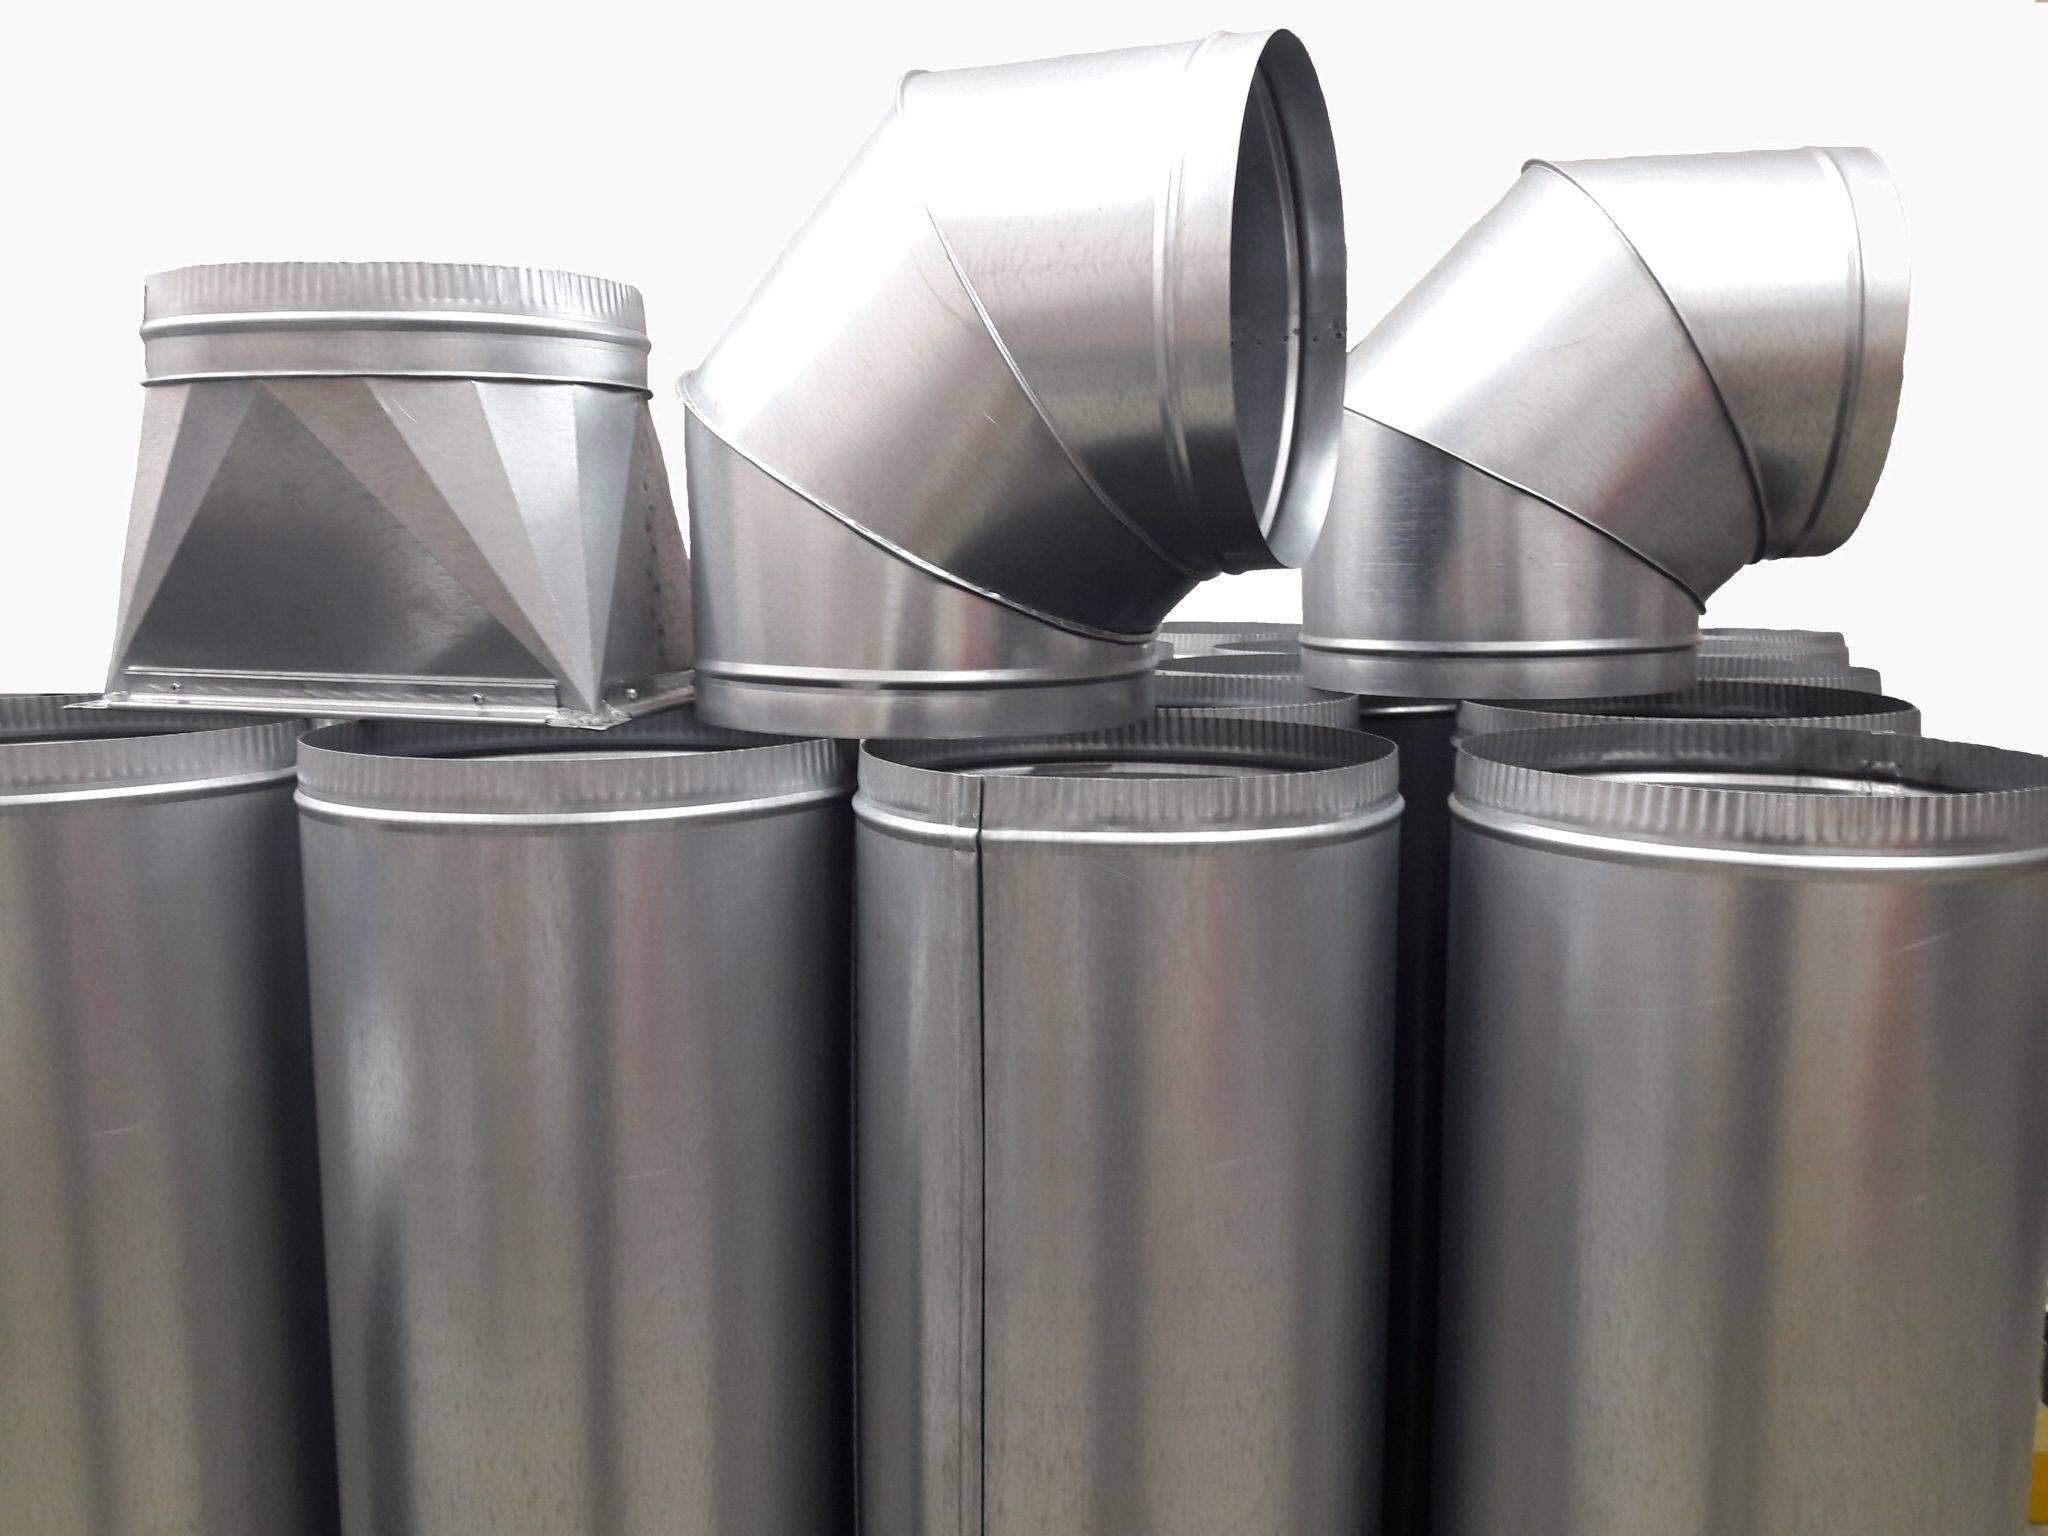 Производство воздуховодов для вентиляции в москве